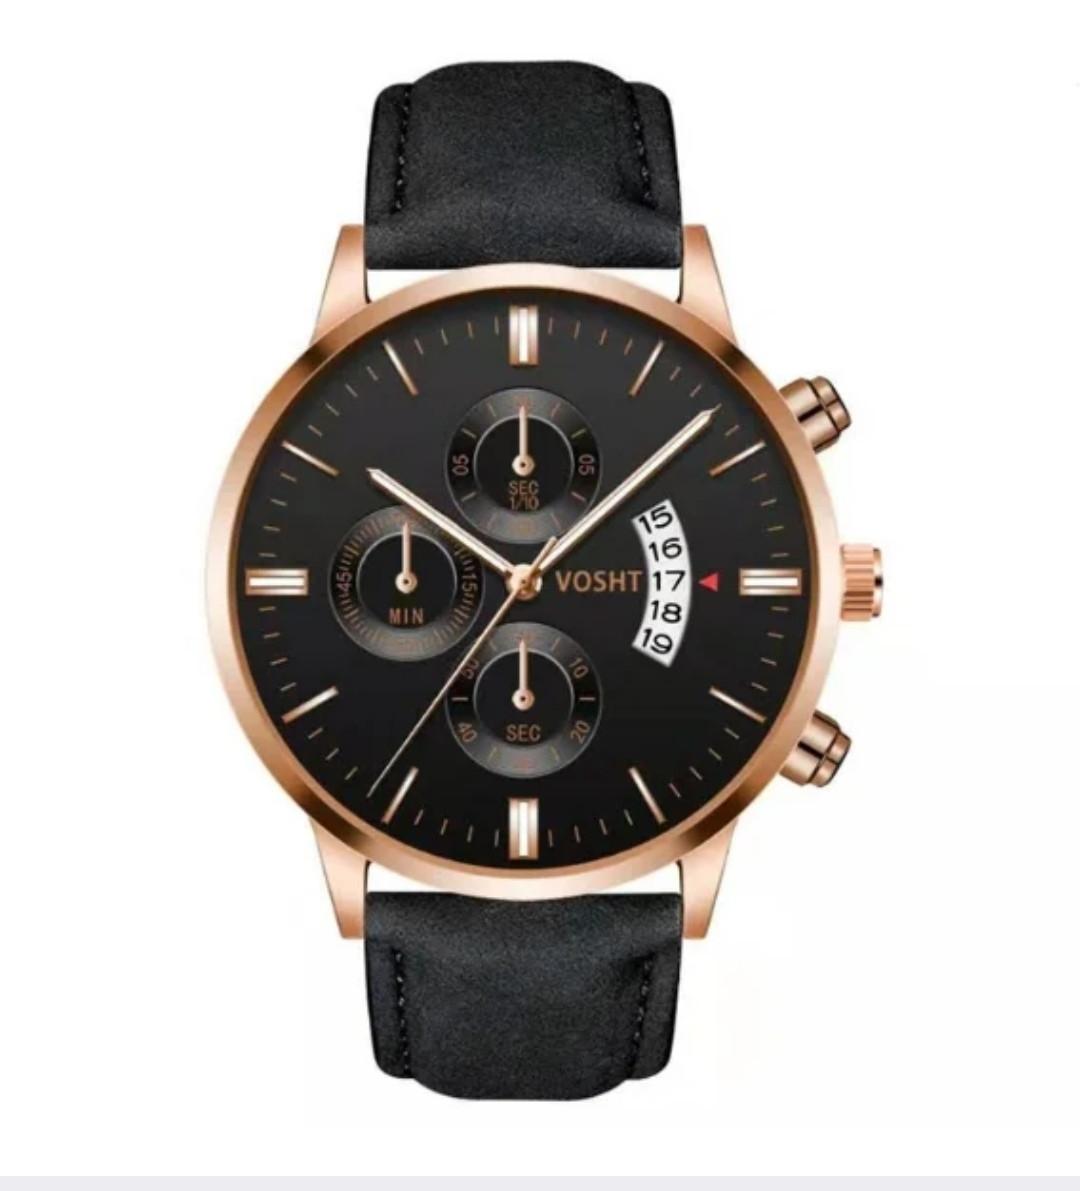 Мужские кварцевые часы Vosht